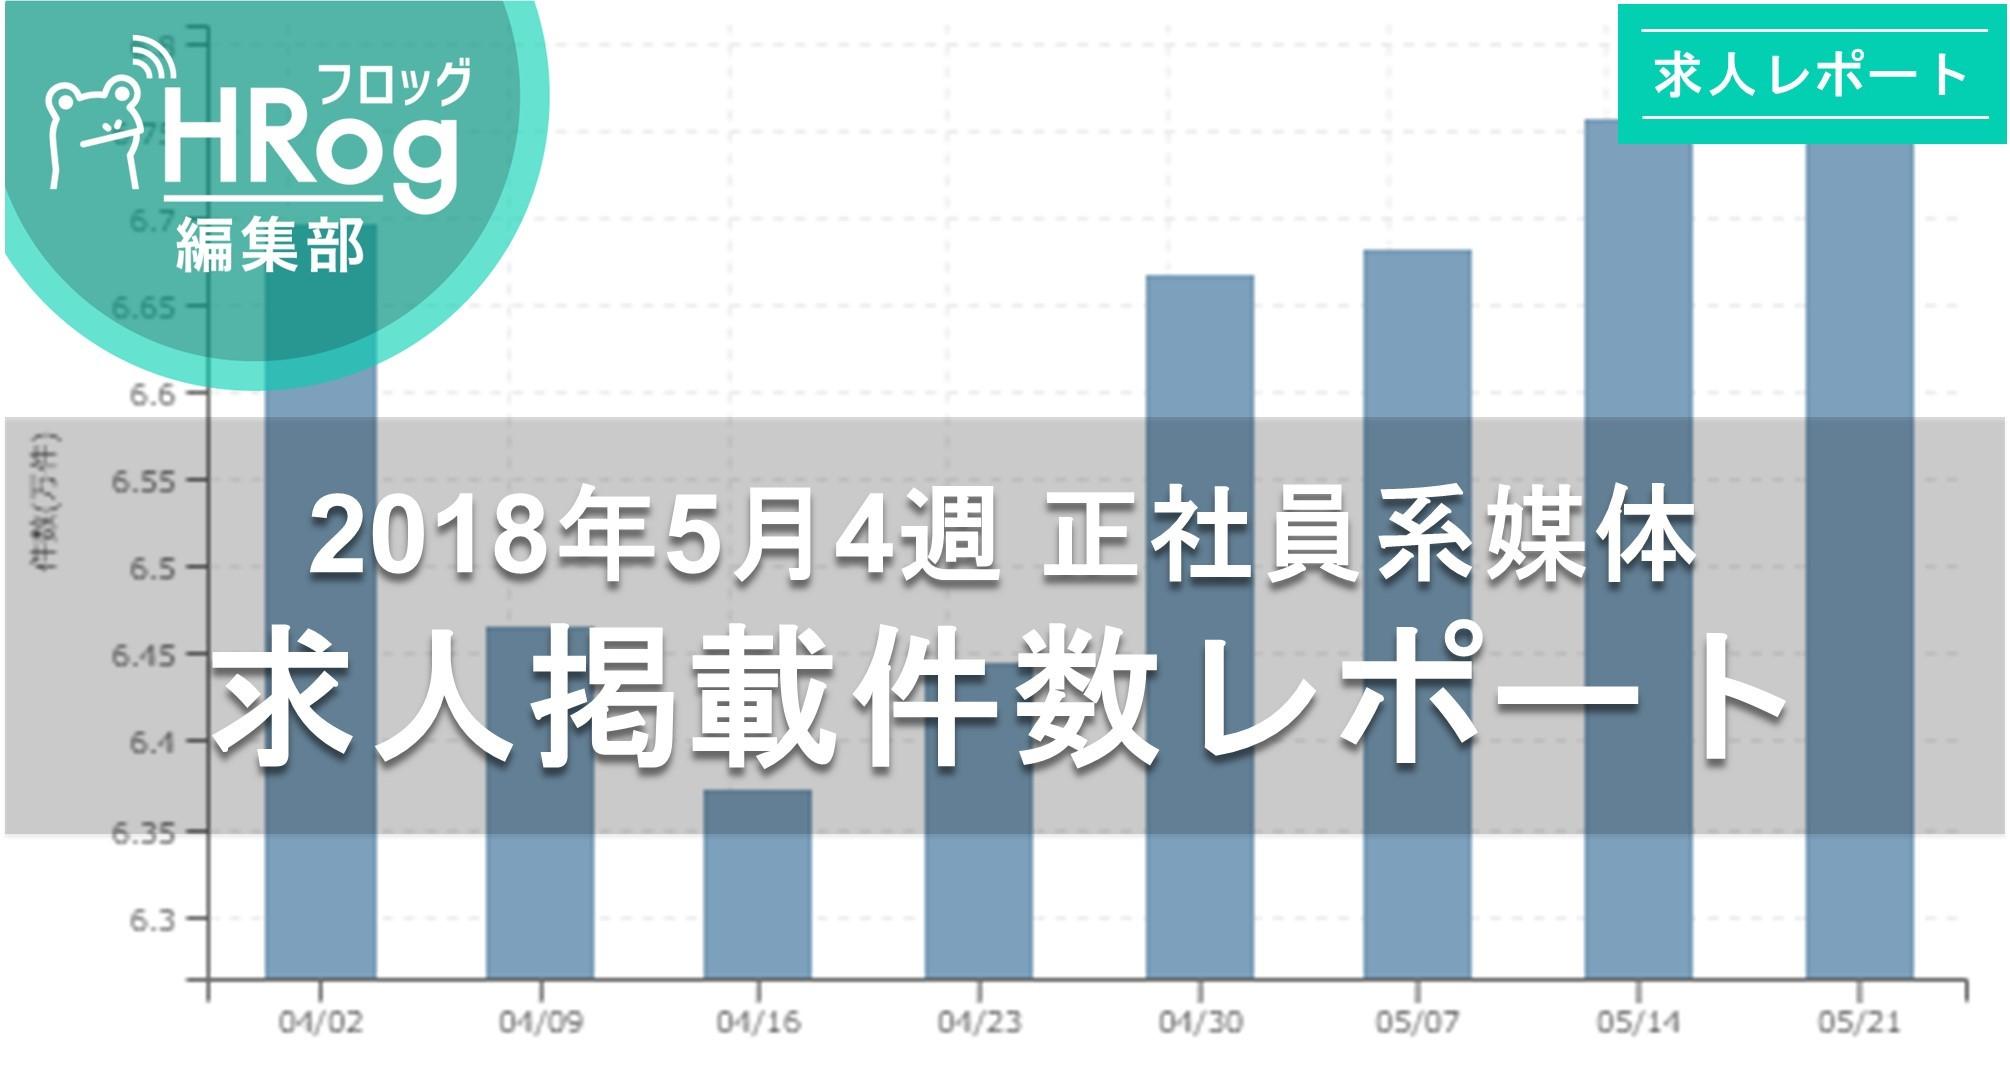 【2018年5月4週 正社員系媒体 求人掲載件数レポート】引き続き、高水準!先週から横ばいに推移!